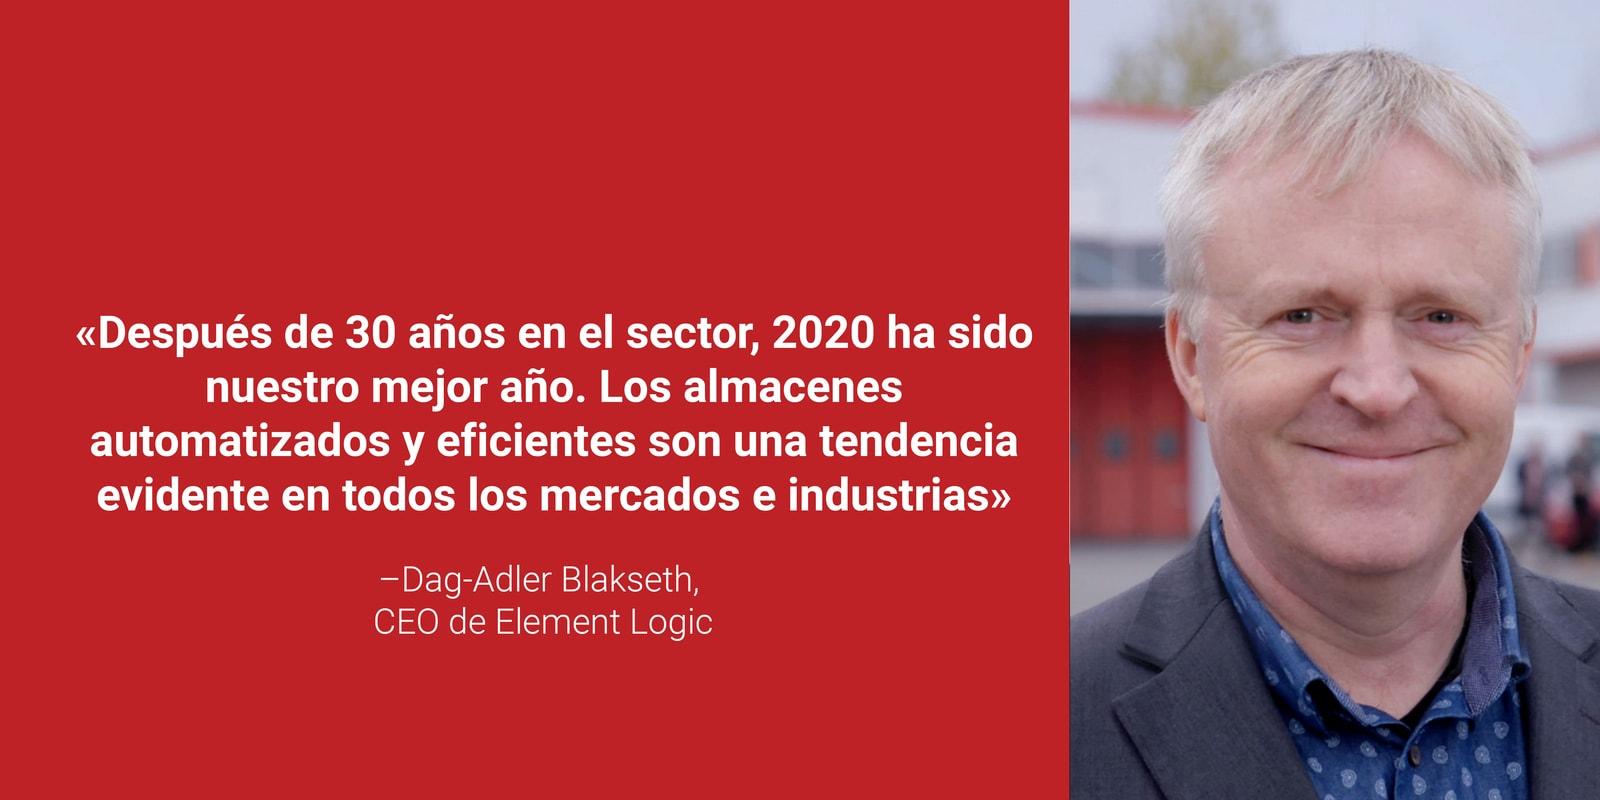 """Dag Adler Blakseth sonriendo junto con la siguiente cita suya en letras blancas y fondo rojo """"Después de 30 años en el sector, 2020 ha sido nuestro mejor año. Los almacenes automatizados y eficientes son una tendencia evidente en todos los mercados e industrias"""""""